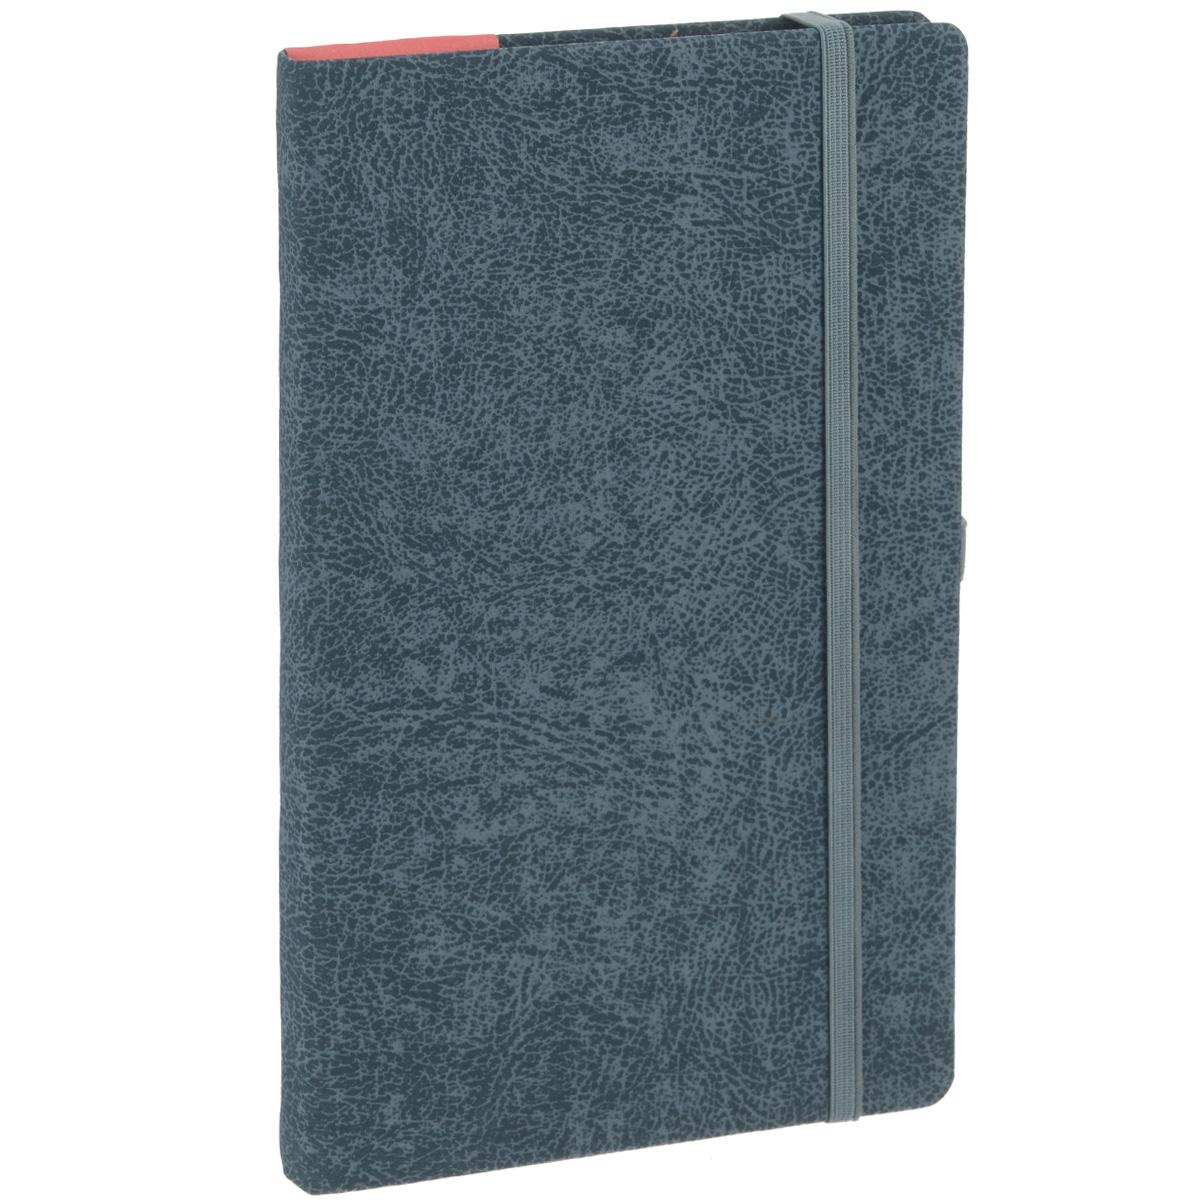 Записная книжка Erich Krause Perfect, цвет: серый, 96 листов72523WDЗаписная книжка Erich Krause Perfect - это дополнительный штрих к вашему имиджу. Демократичная в своем содержании, книжка может быть использована не только для личных пометок и записей, но и как недатированный ежедневник. Надежная твердая обложка из плотного картона с тиснением под кожу сохранит ее в аккуратном состоянии на протяжении всего времени использования. Плотная в линейку бумага белого цвета, закладка-ляссе, практичные скругленные углы, эластичная петелька для ручки и внутренний бумажный карман на задней обложке - все это обеспечит вам истинное удовольствие от письма. В начале книжки имеется страничка для заполнения личных данных владельца, четыре страницы для заполнения адресов, телефонов и интернет-почты и четыре страницы для заполнения сайтов и ссылок. Благодаря небольшому формату книжку легко взять с собой. Записная книжка плотно закрывается при помощи фиксирующей резинки.